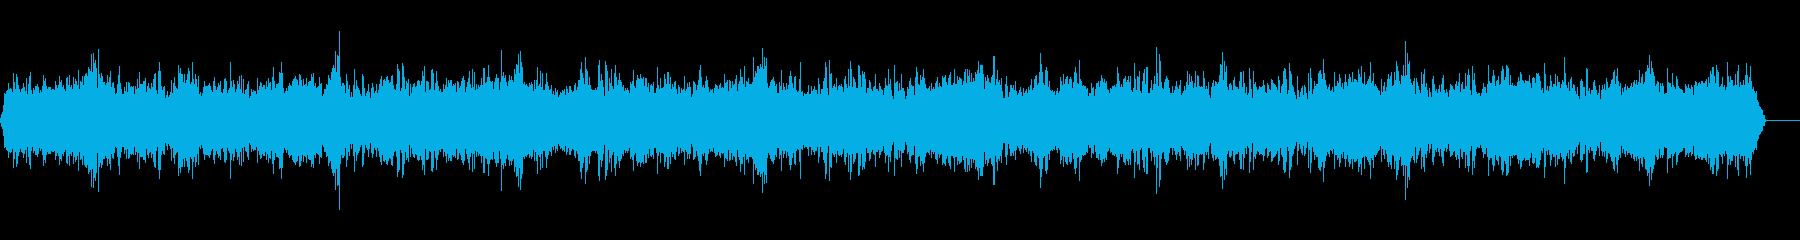 飛ぶの再生済みの波形